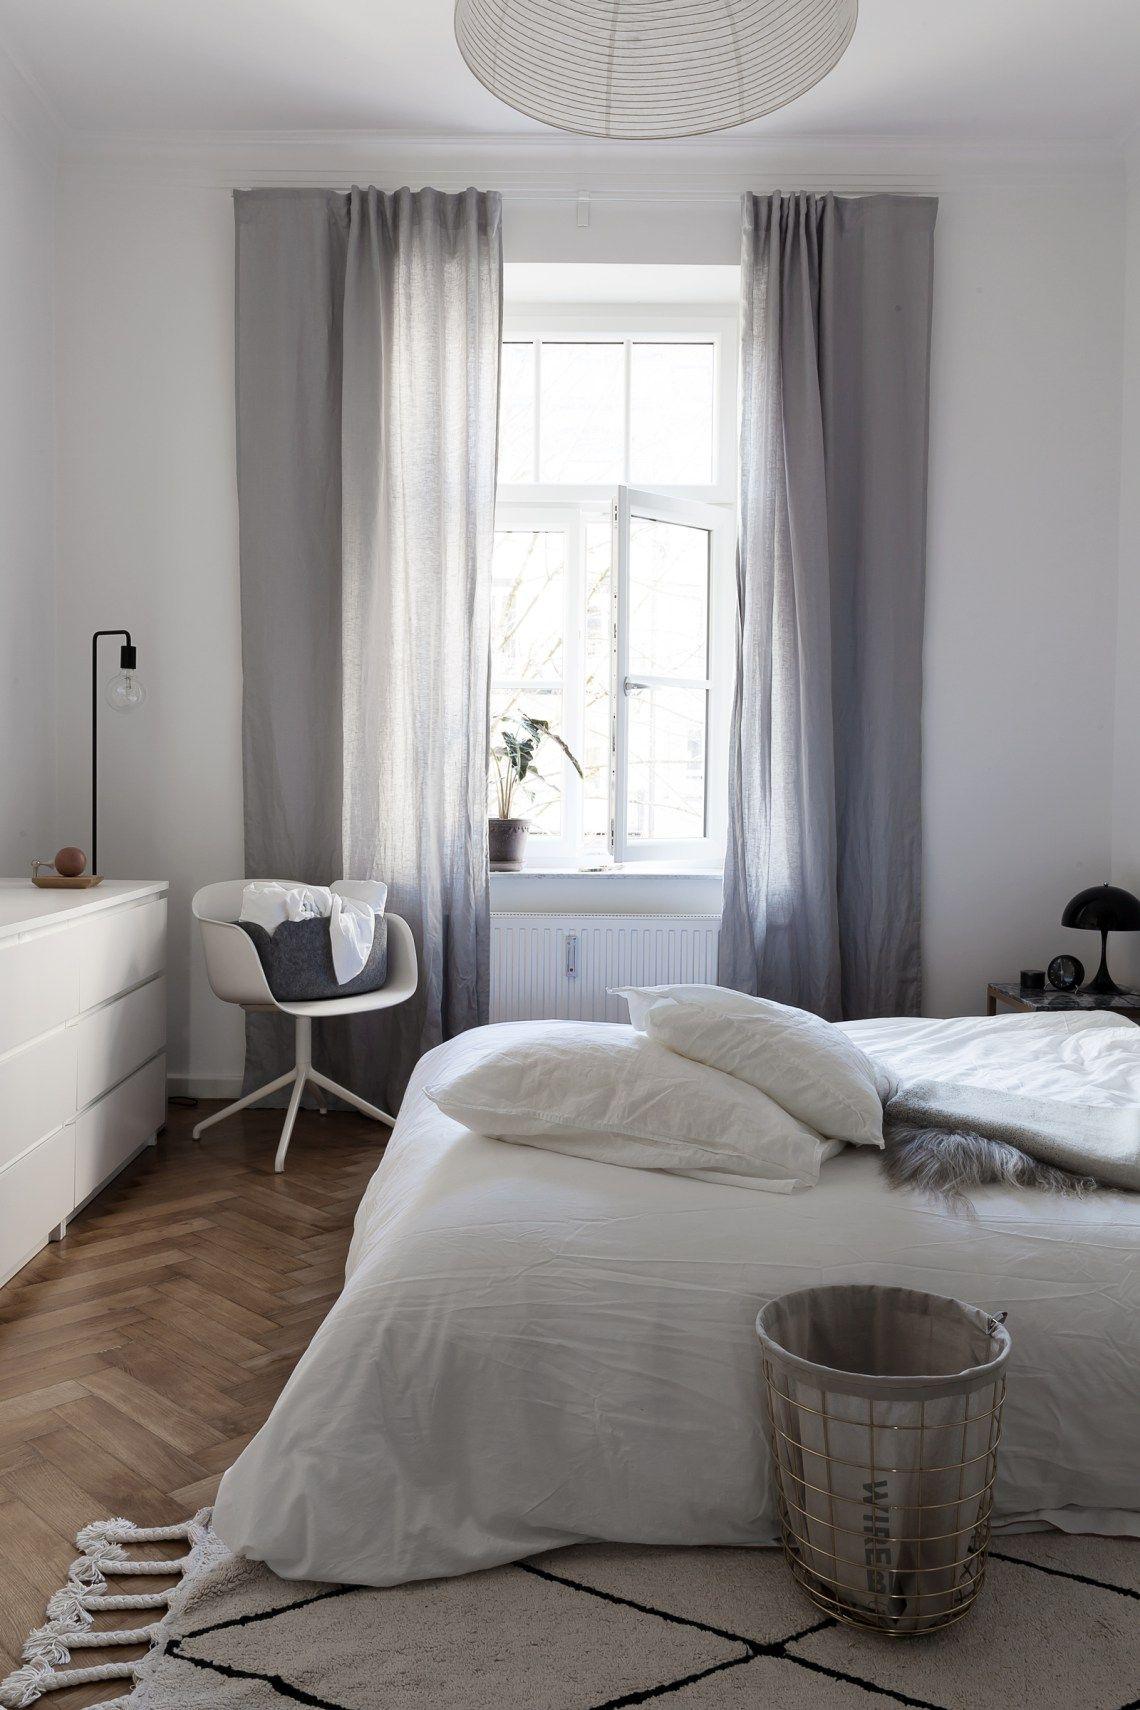 Our Bedroom Via Coco Lapine Design Blog Zimmer Wohnen Schlafzimmer Gestalten